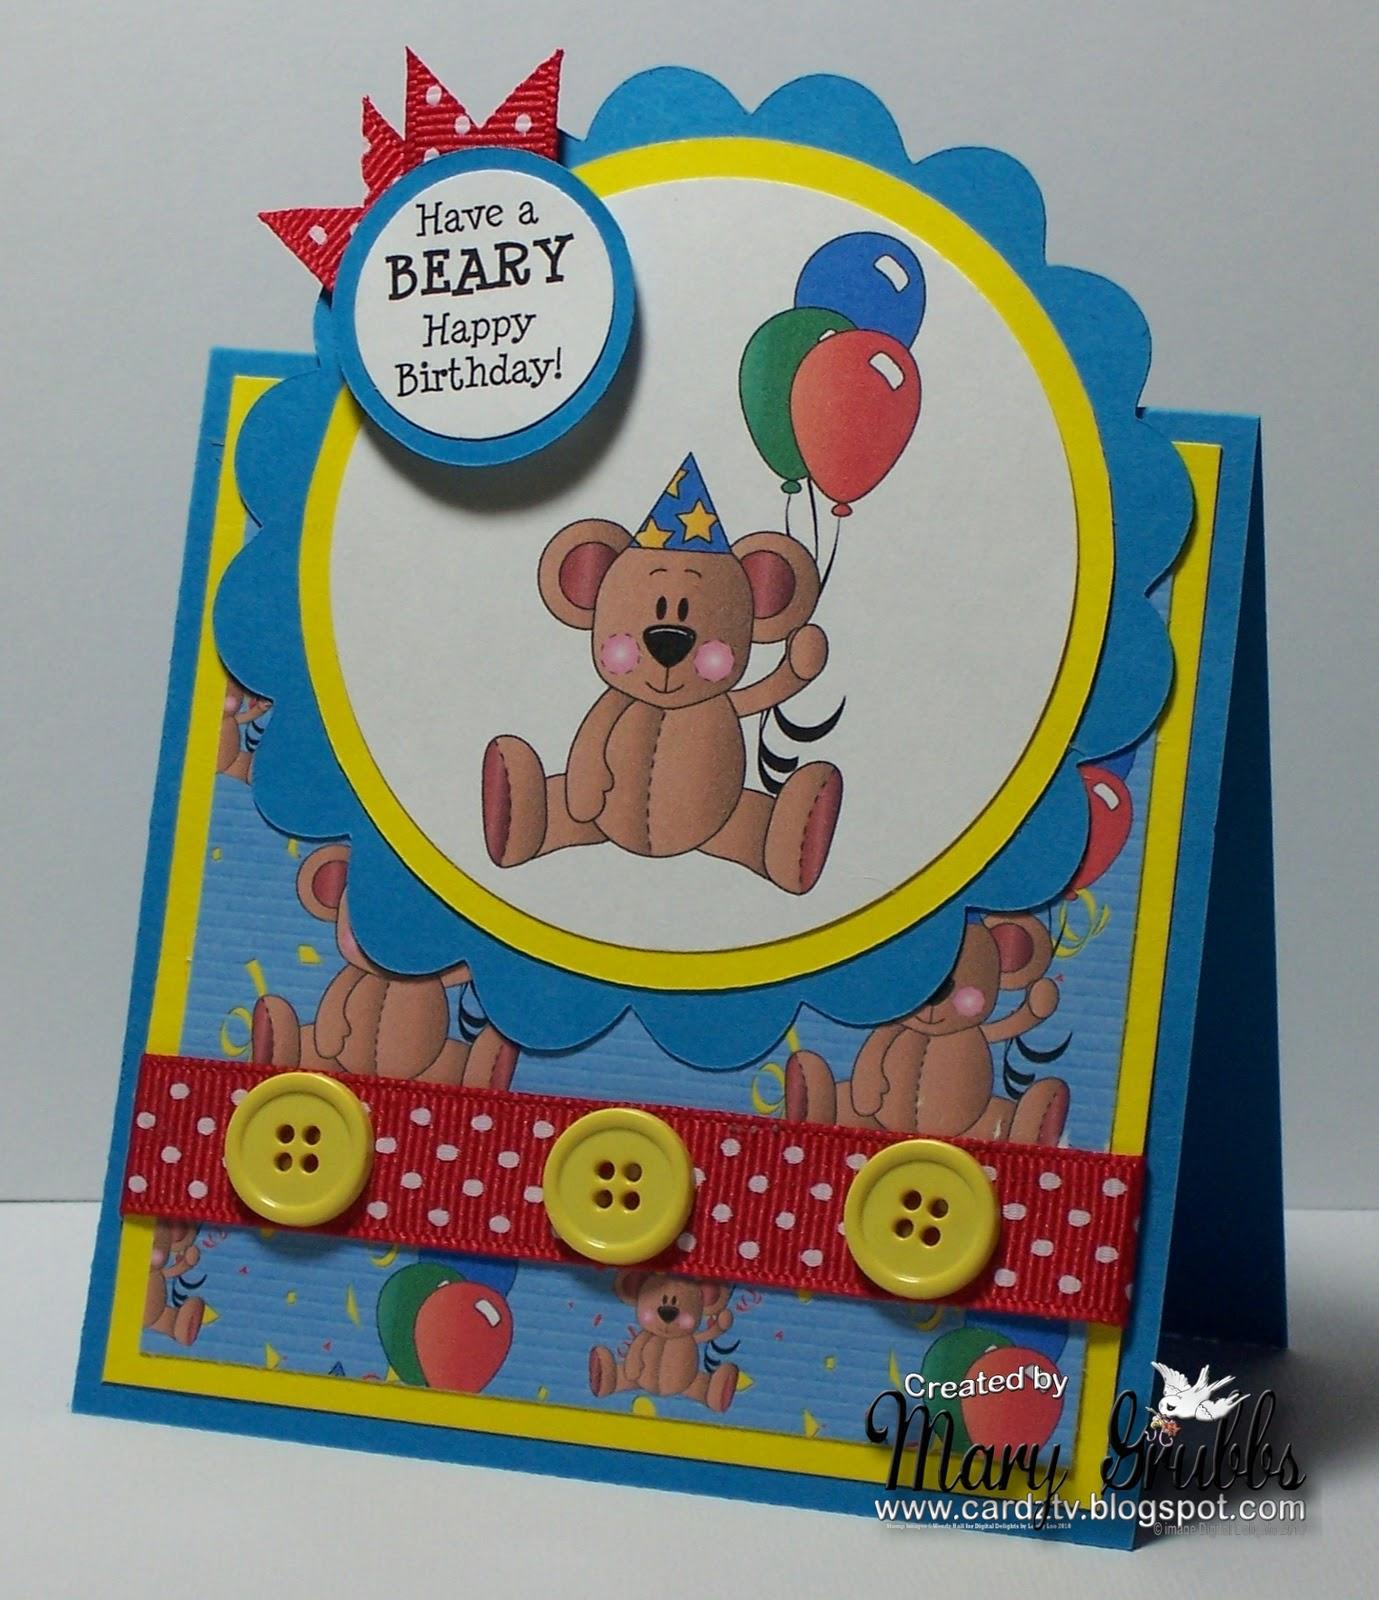 CARDZ TV Digital Delights Sunday Tutorial Tent Topper Birthday Card